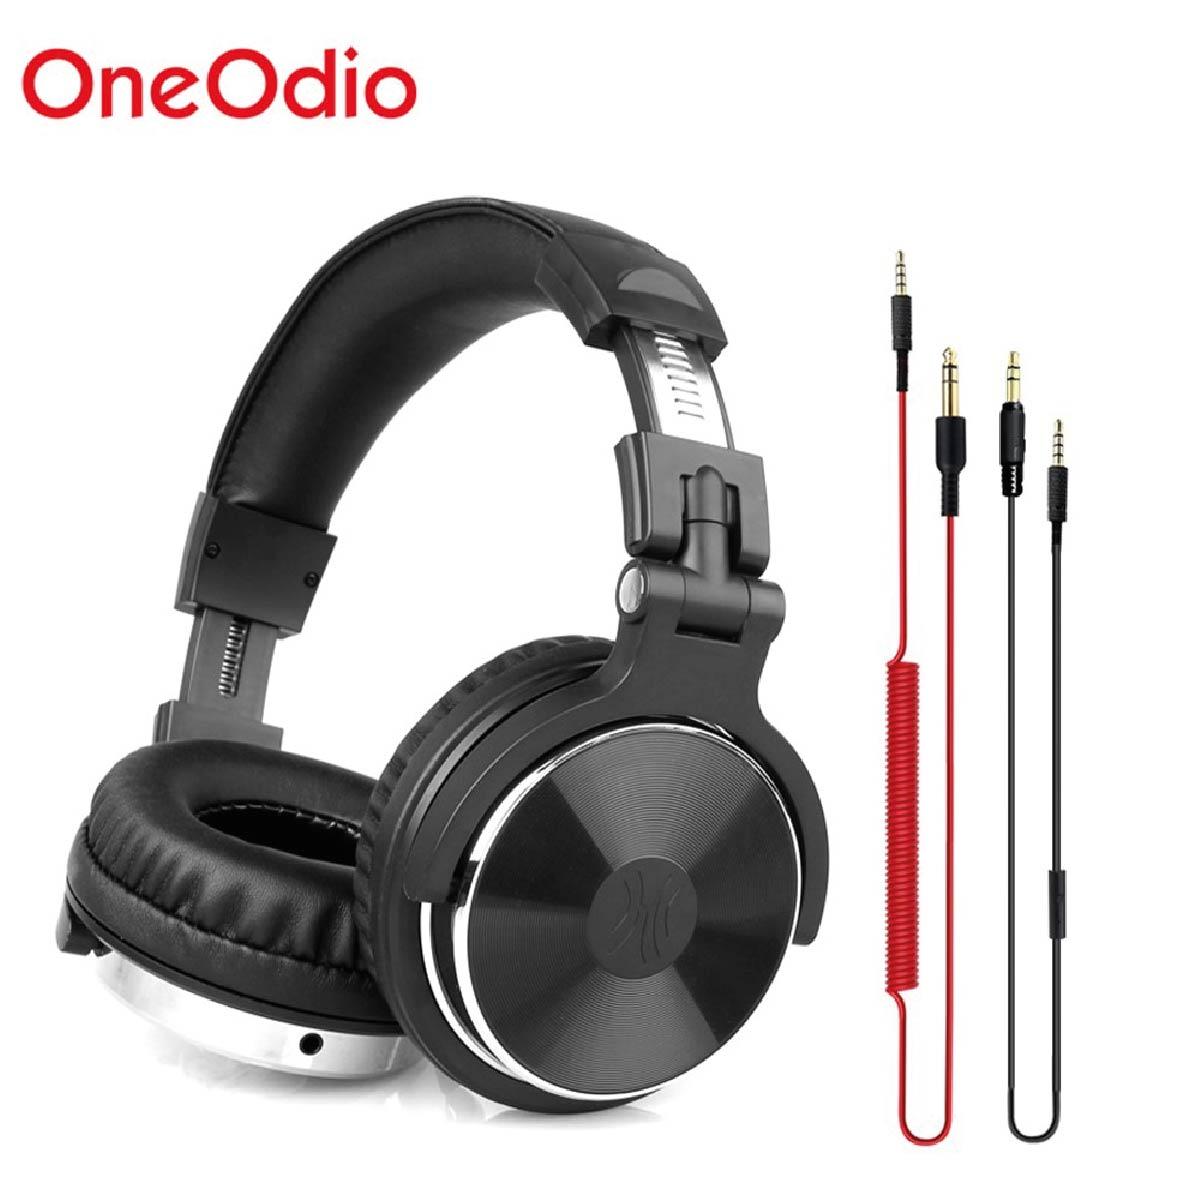 Fone De Ouvido Dj Studio Oneodio Pro-10  Profissional Super Bass  Preto